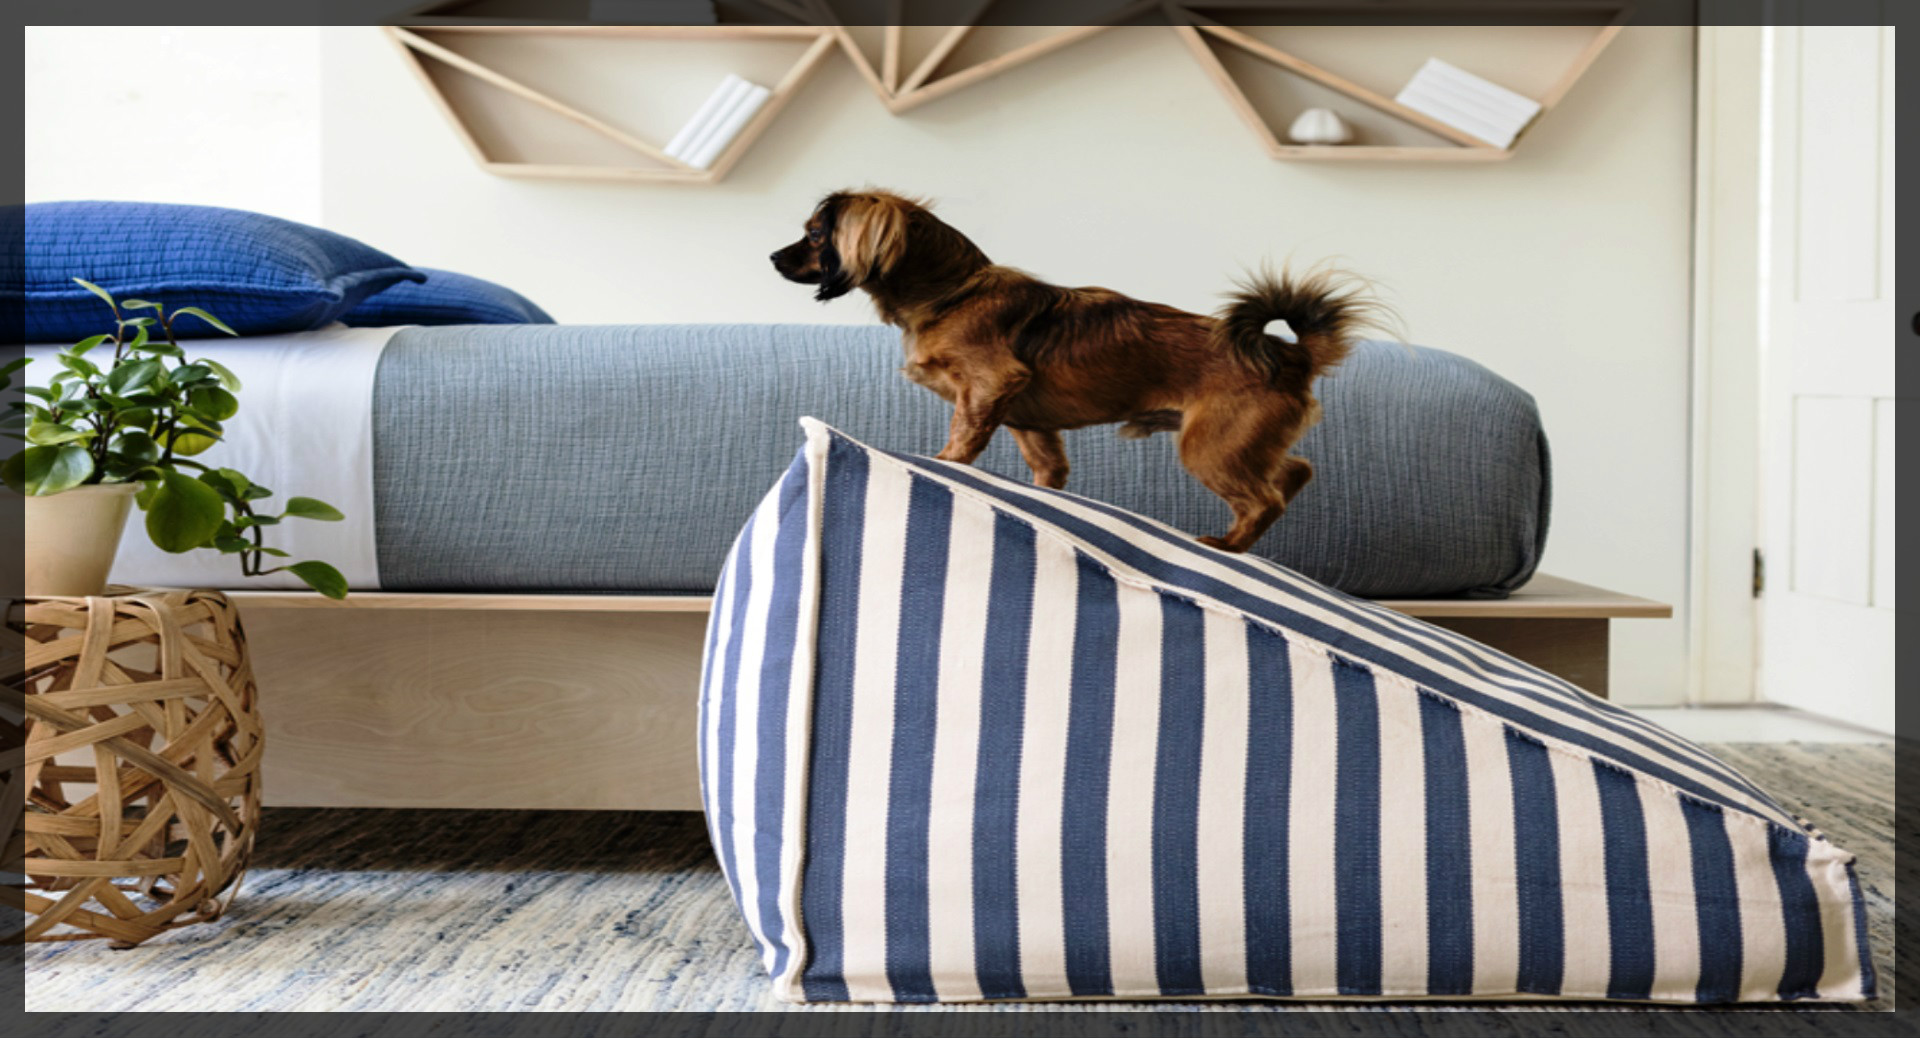 Cucce da interno e letti per cani viva la morbidezza for Cani da tenere in casa